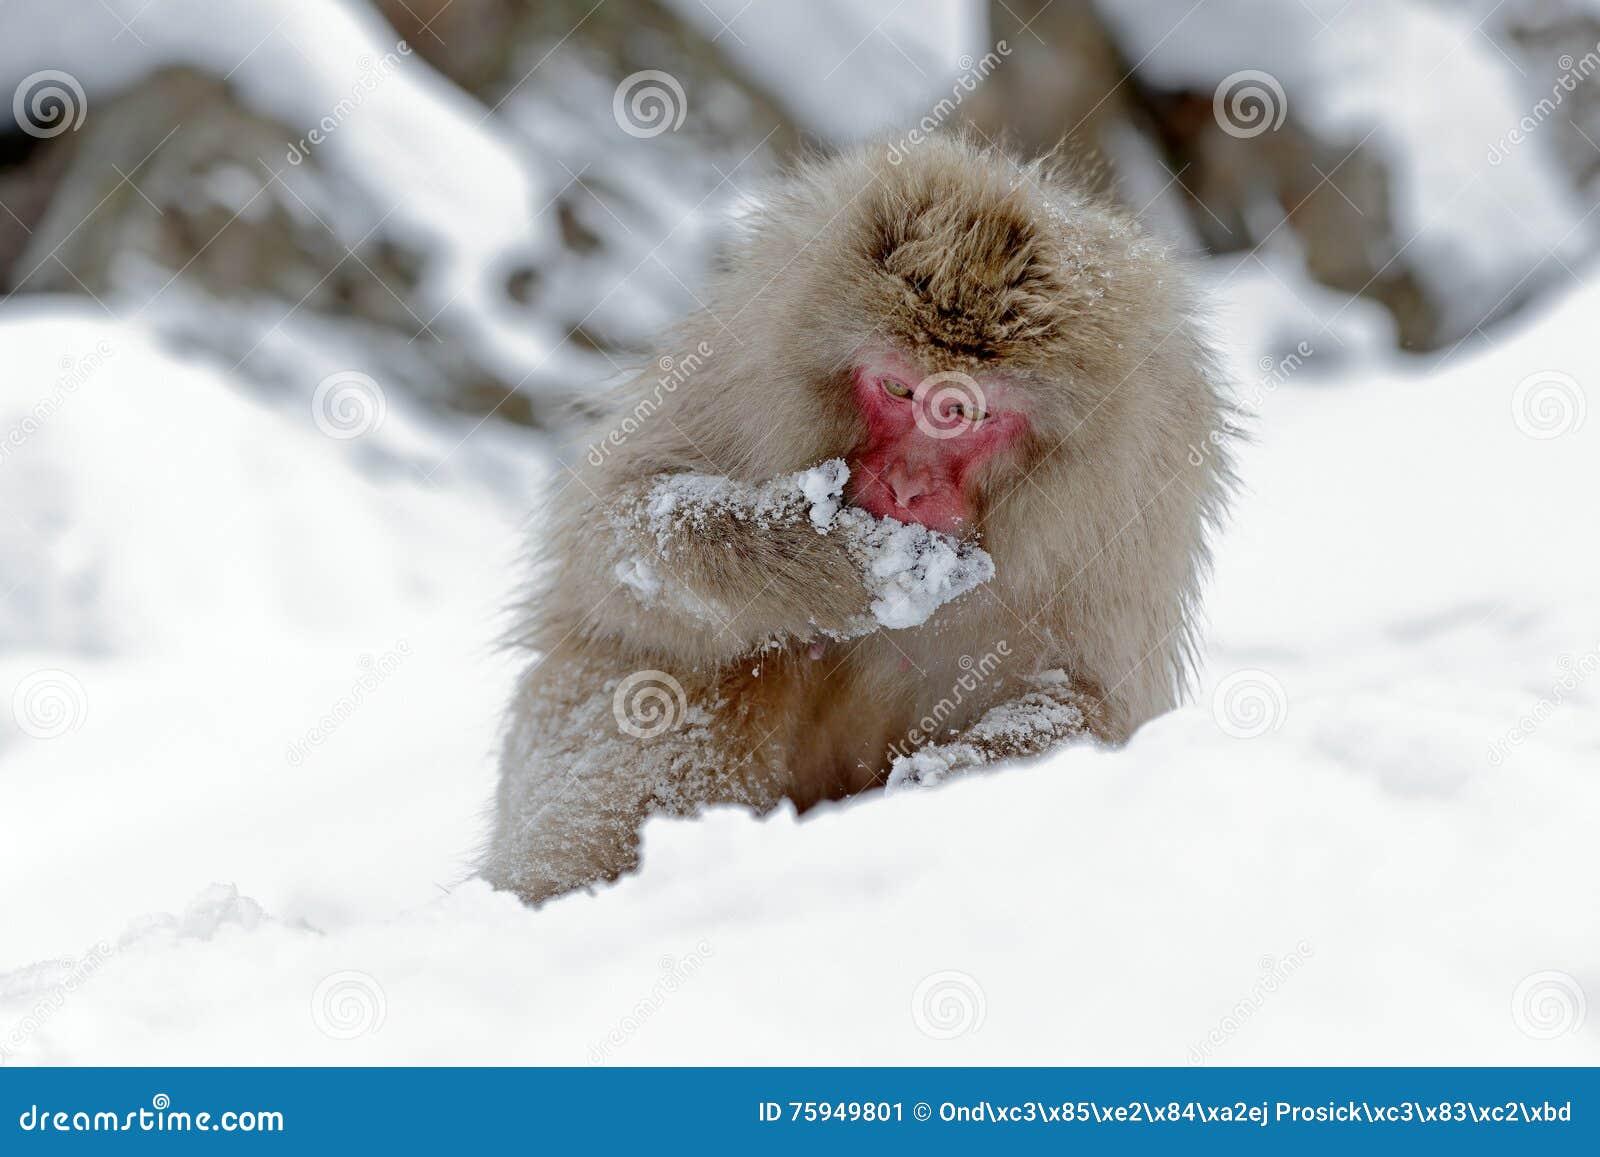 Monkey японская макака, fuscata Macaca, сидя на снеге, Хоккаидо, Япония Сцена зимы с обезьяной от снежной горы мило